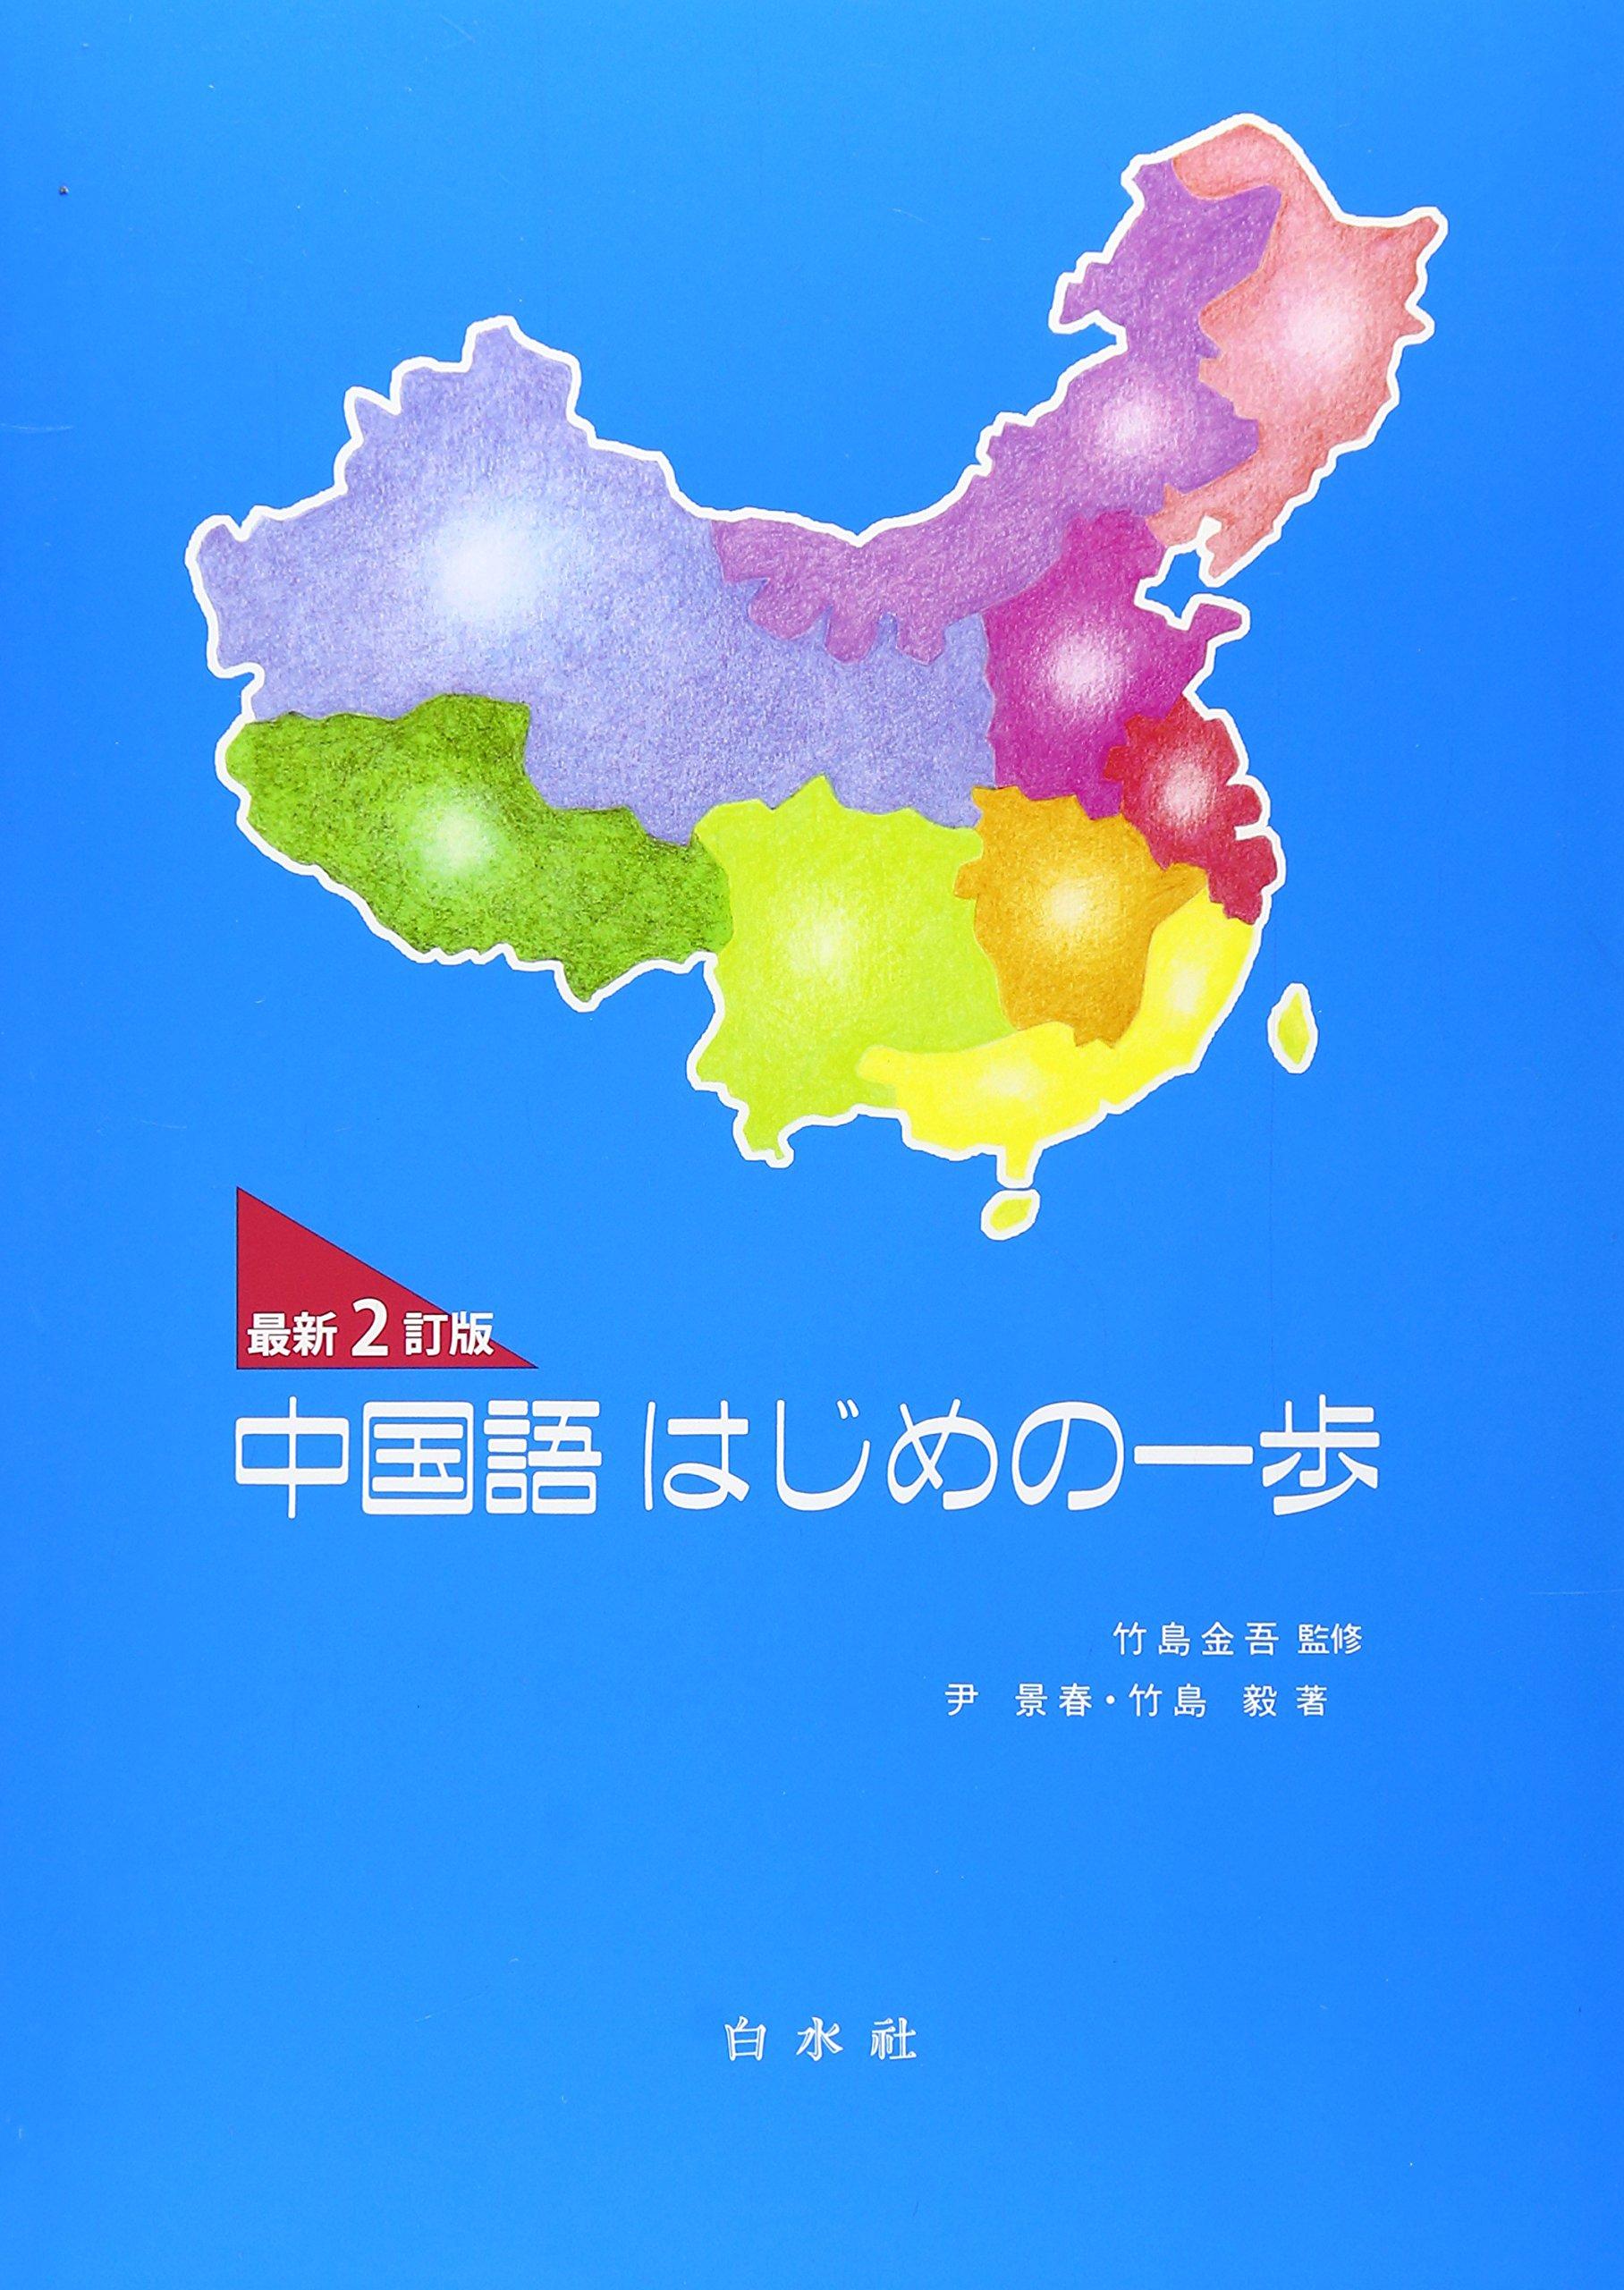 語 はじめ の 一歩 中国